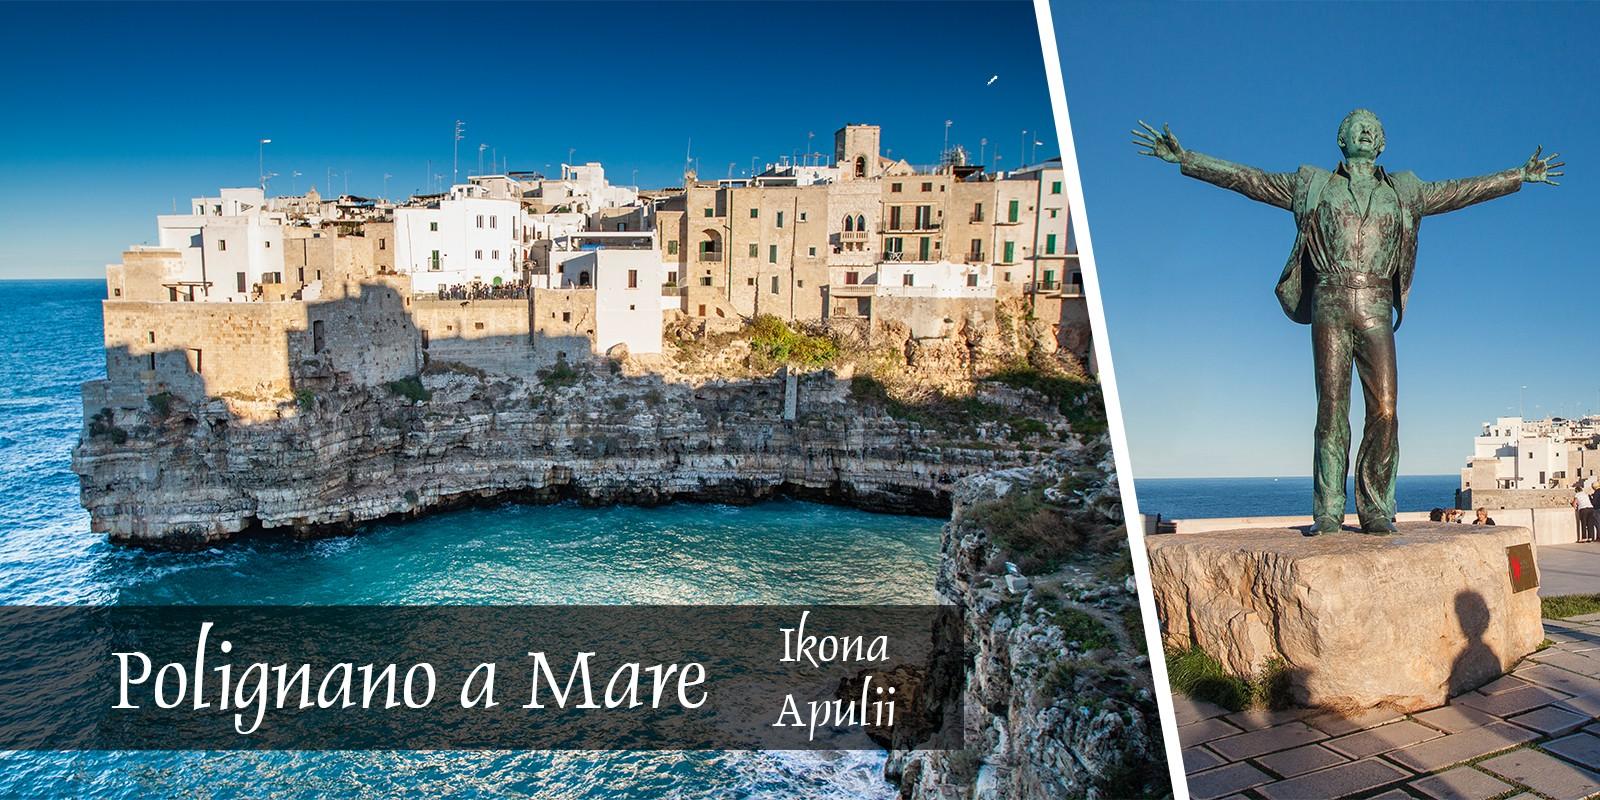 polignano a mare apulia Włochy Atrakcje zwiedzanie plaża Blog historia okolice Bari plaża